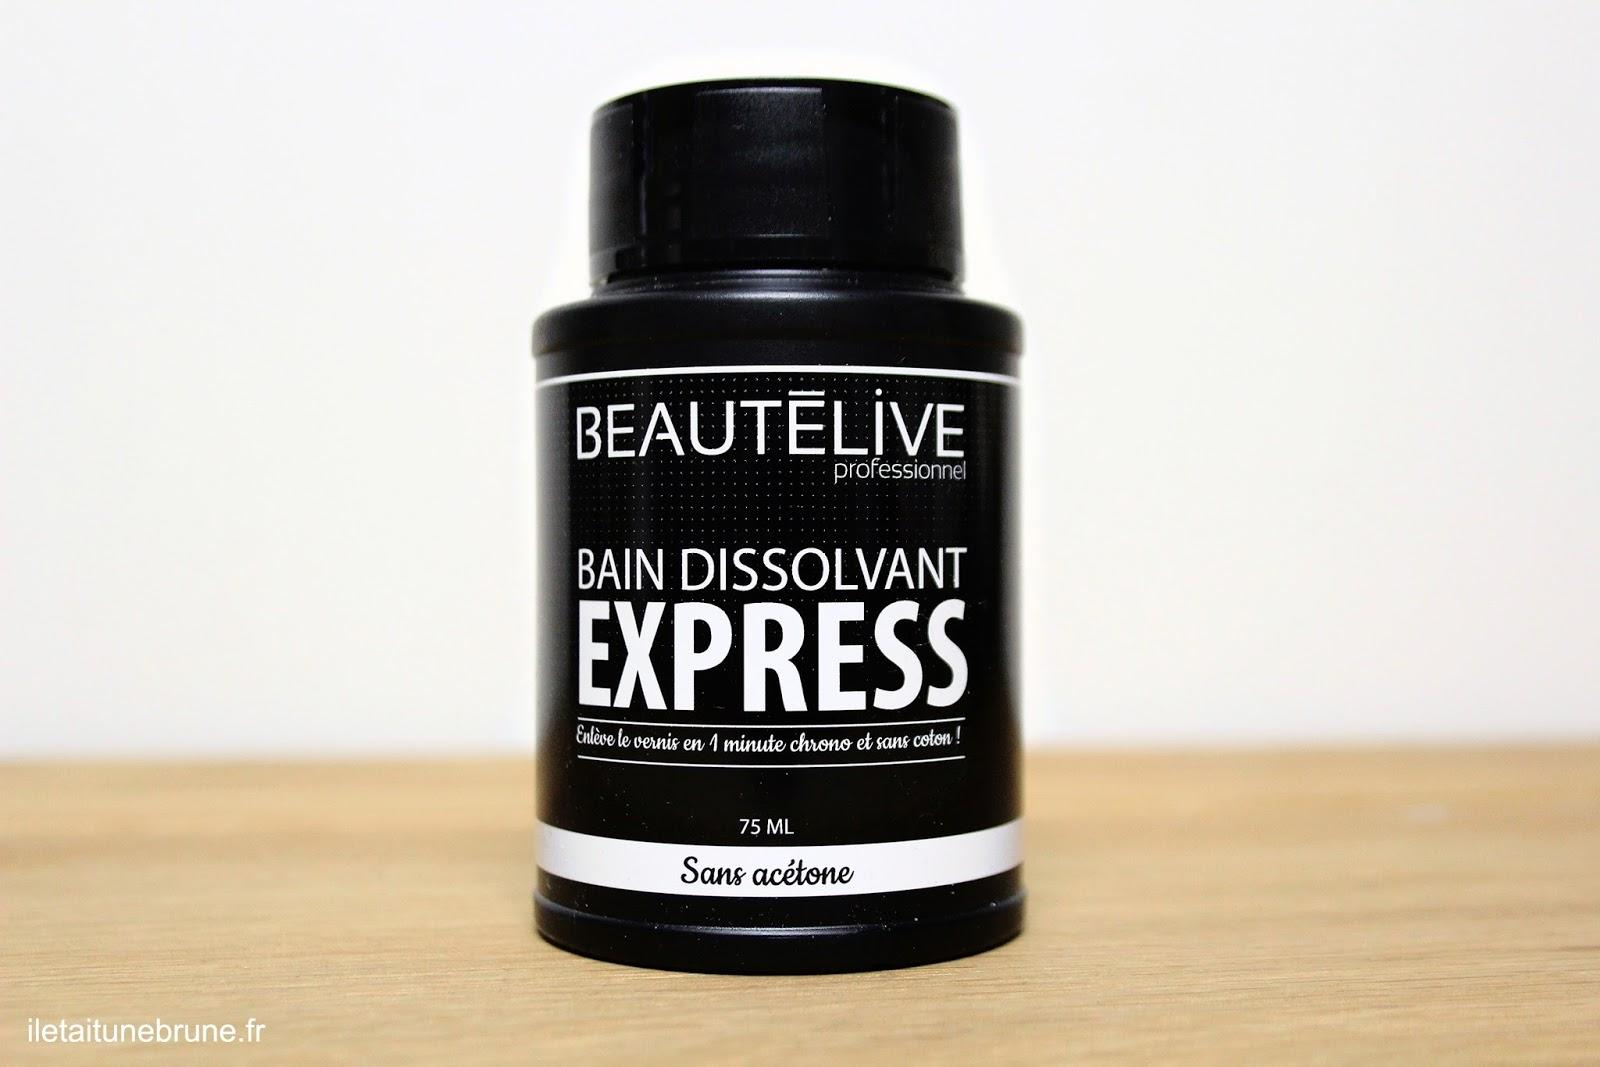 dissolvant bain express mousse beautélive